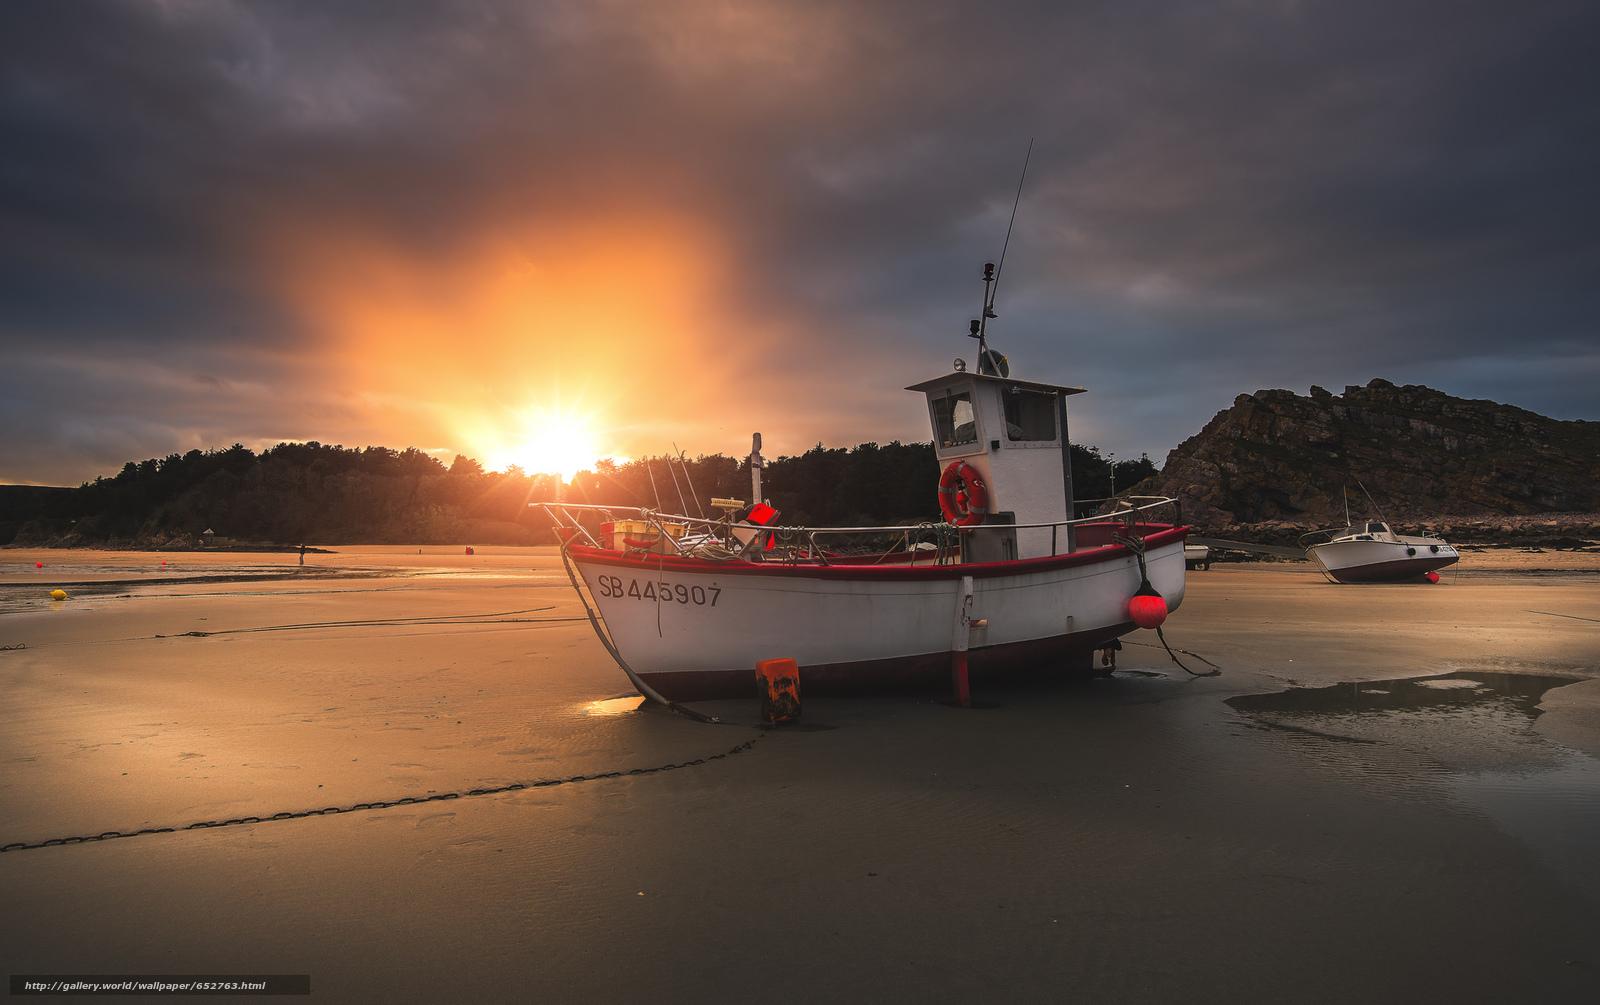 Скачать обои лодка,  берег,  закат бесплатно для рабочего стола в разрешении 2048x1286 — картинка №652763